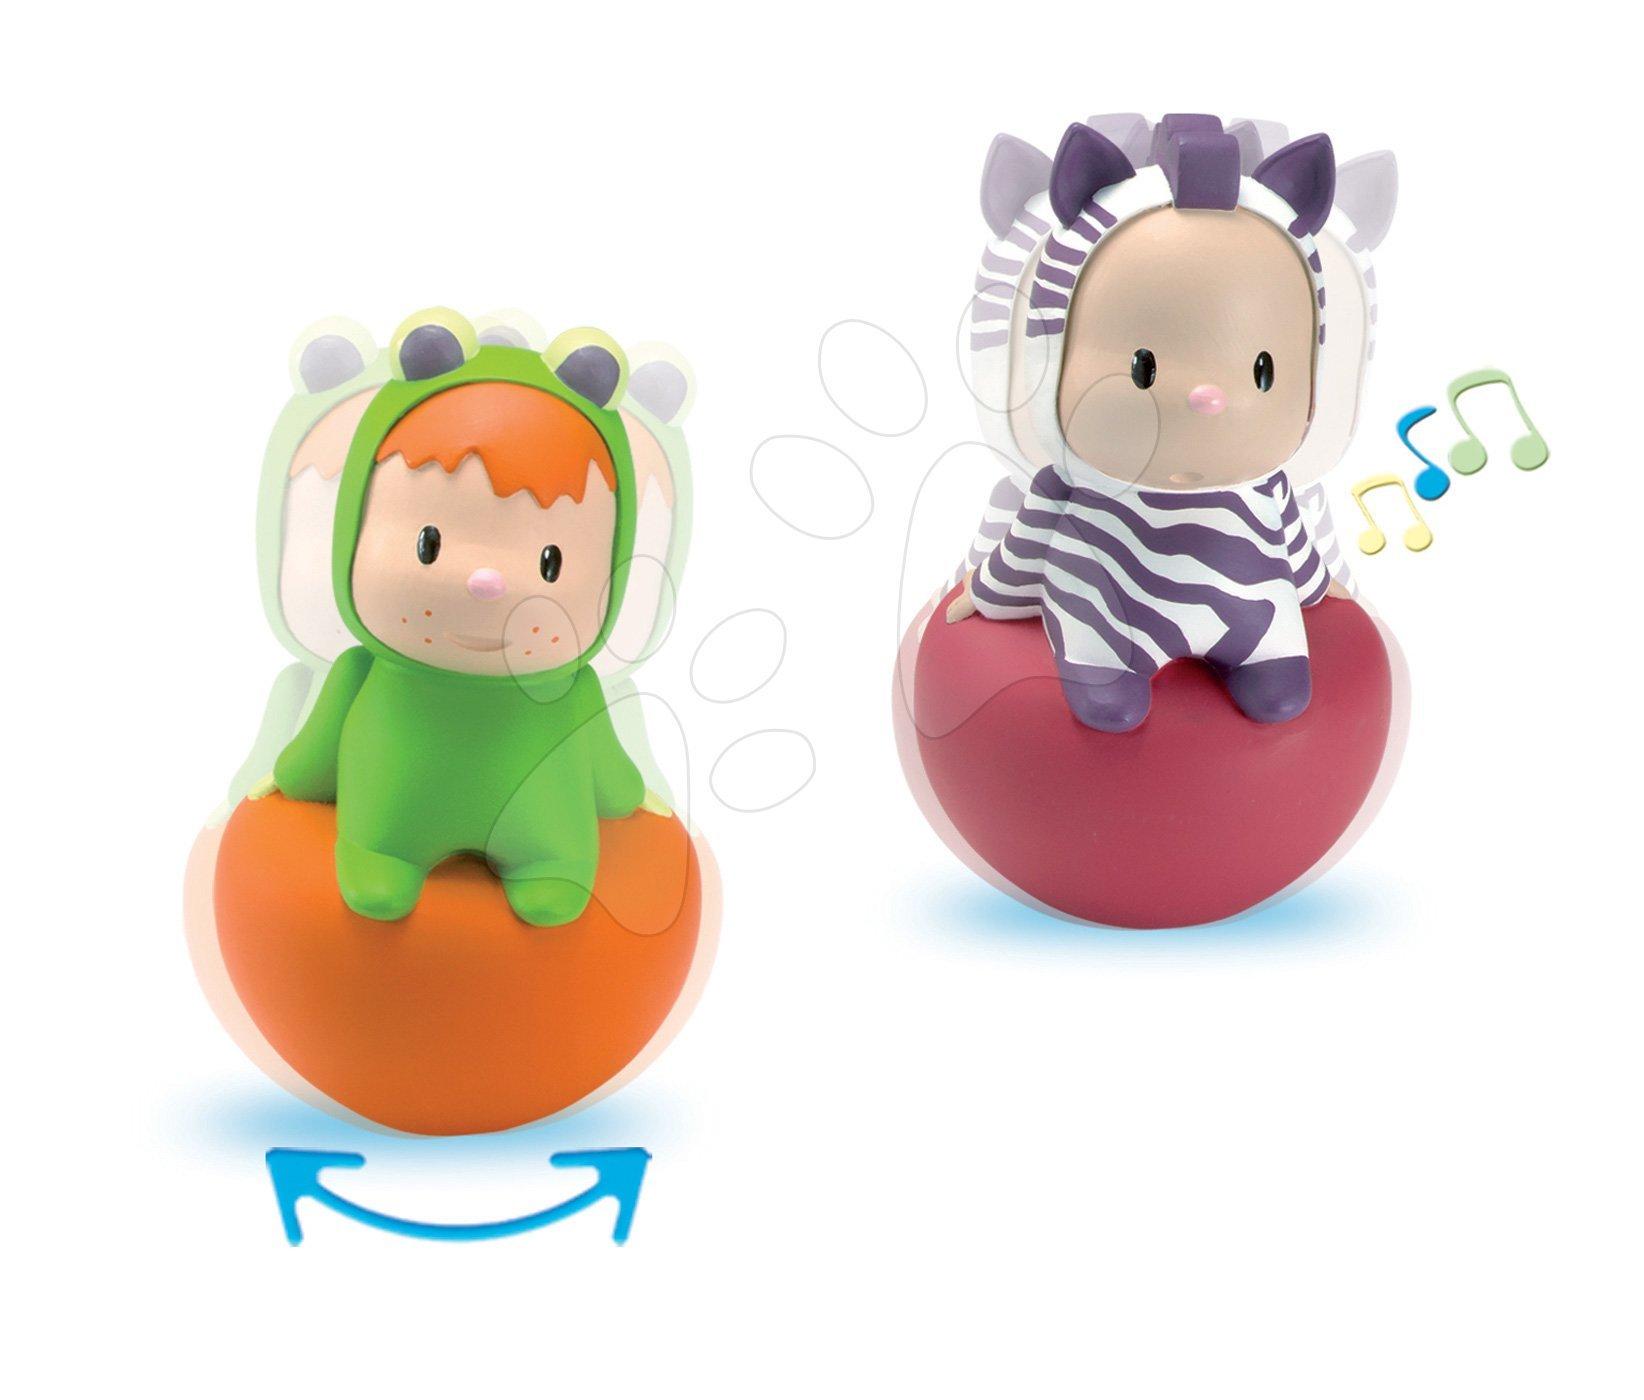 Figurka Cotoons Rolly Polys Smoby pro kojence žabka Wabap/zebra Punky od 6 měsíců